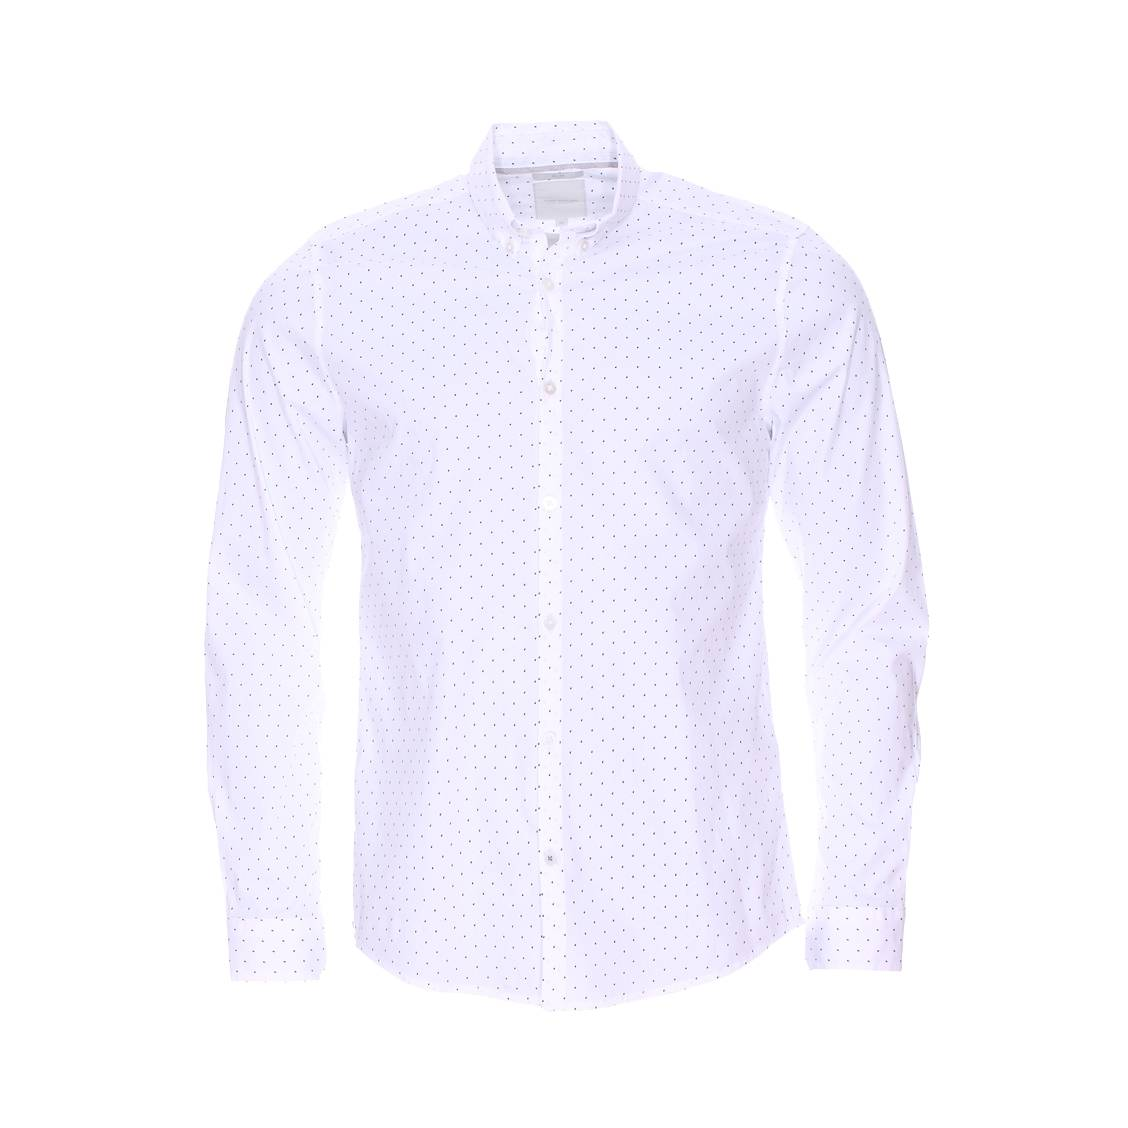 Chemise cintrée  en coton stretch blanc à pois bleu clair et bleu marine